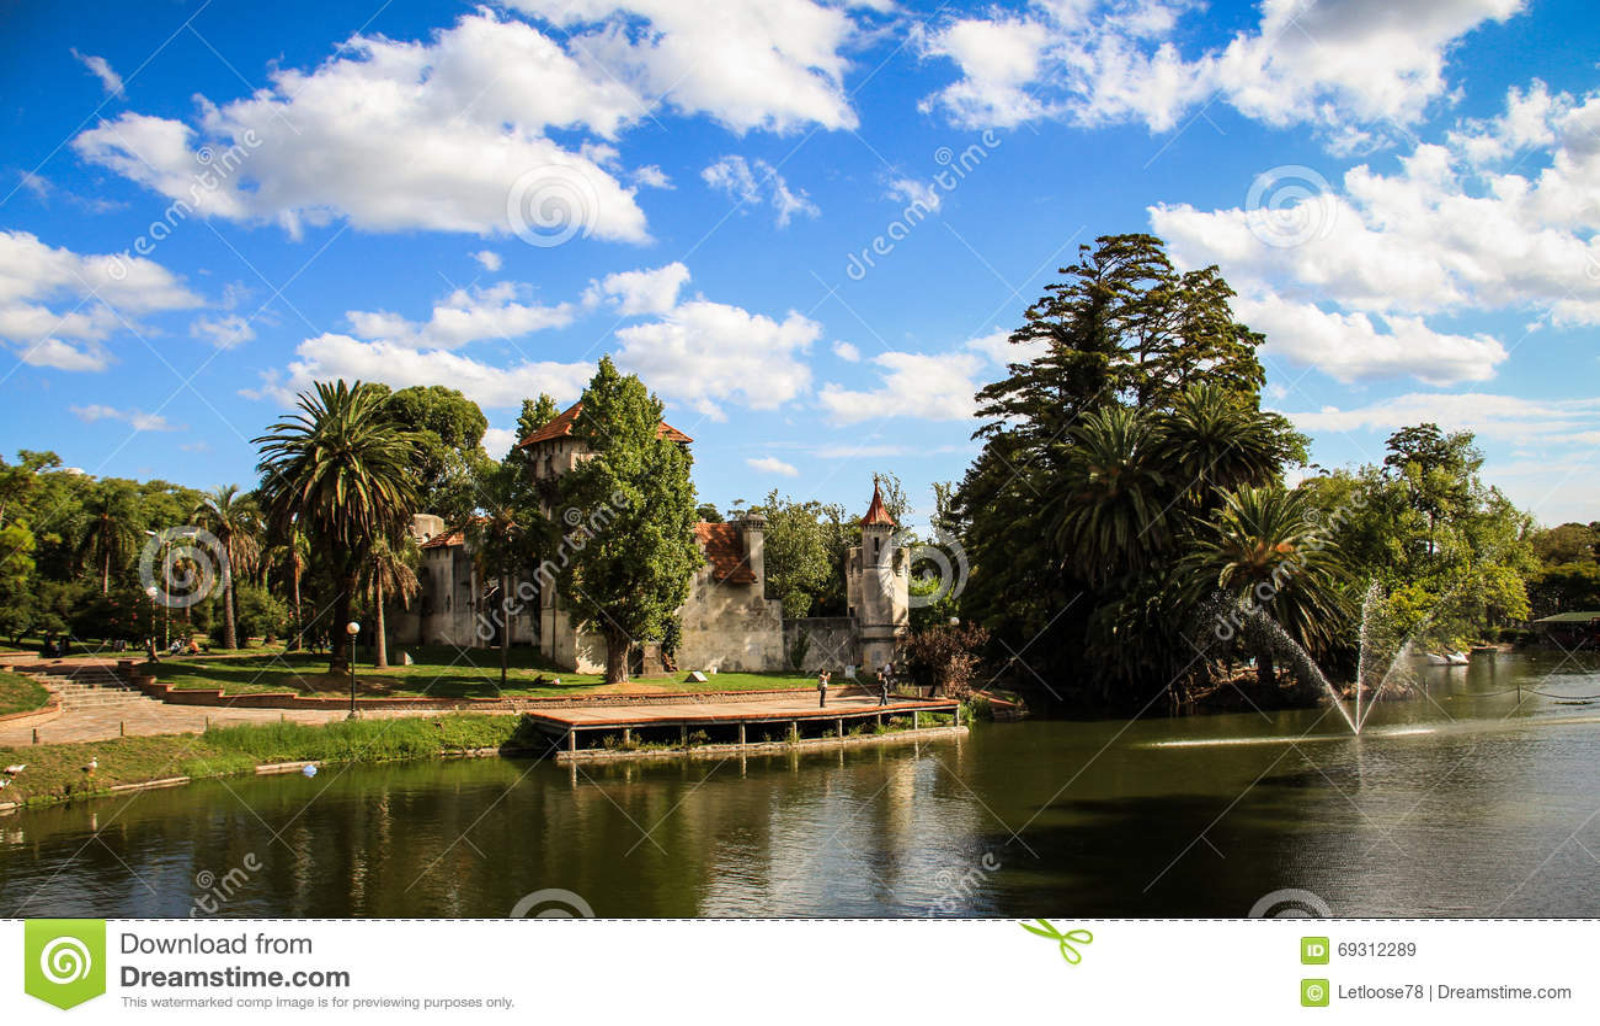 Slotten och sjön av Rodoen parkerar, Montevideo, Uruguay